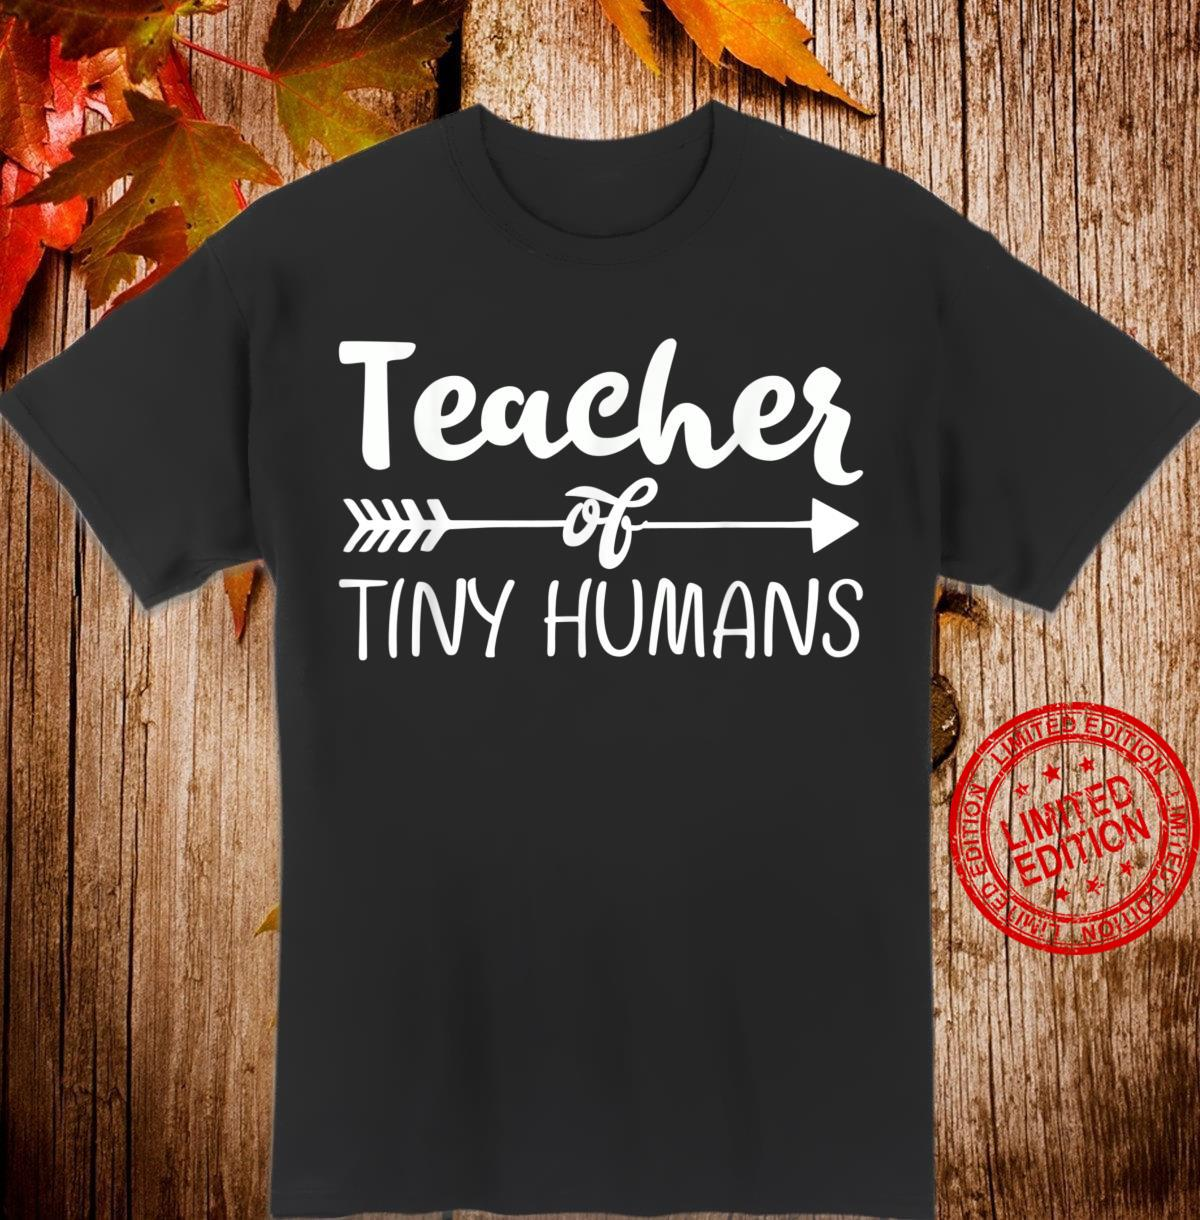 Kindergarten Preschool Teacher for 1st Day Shirt